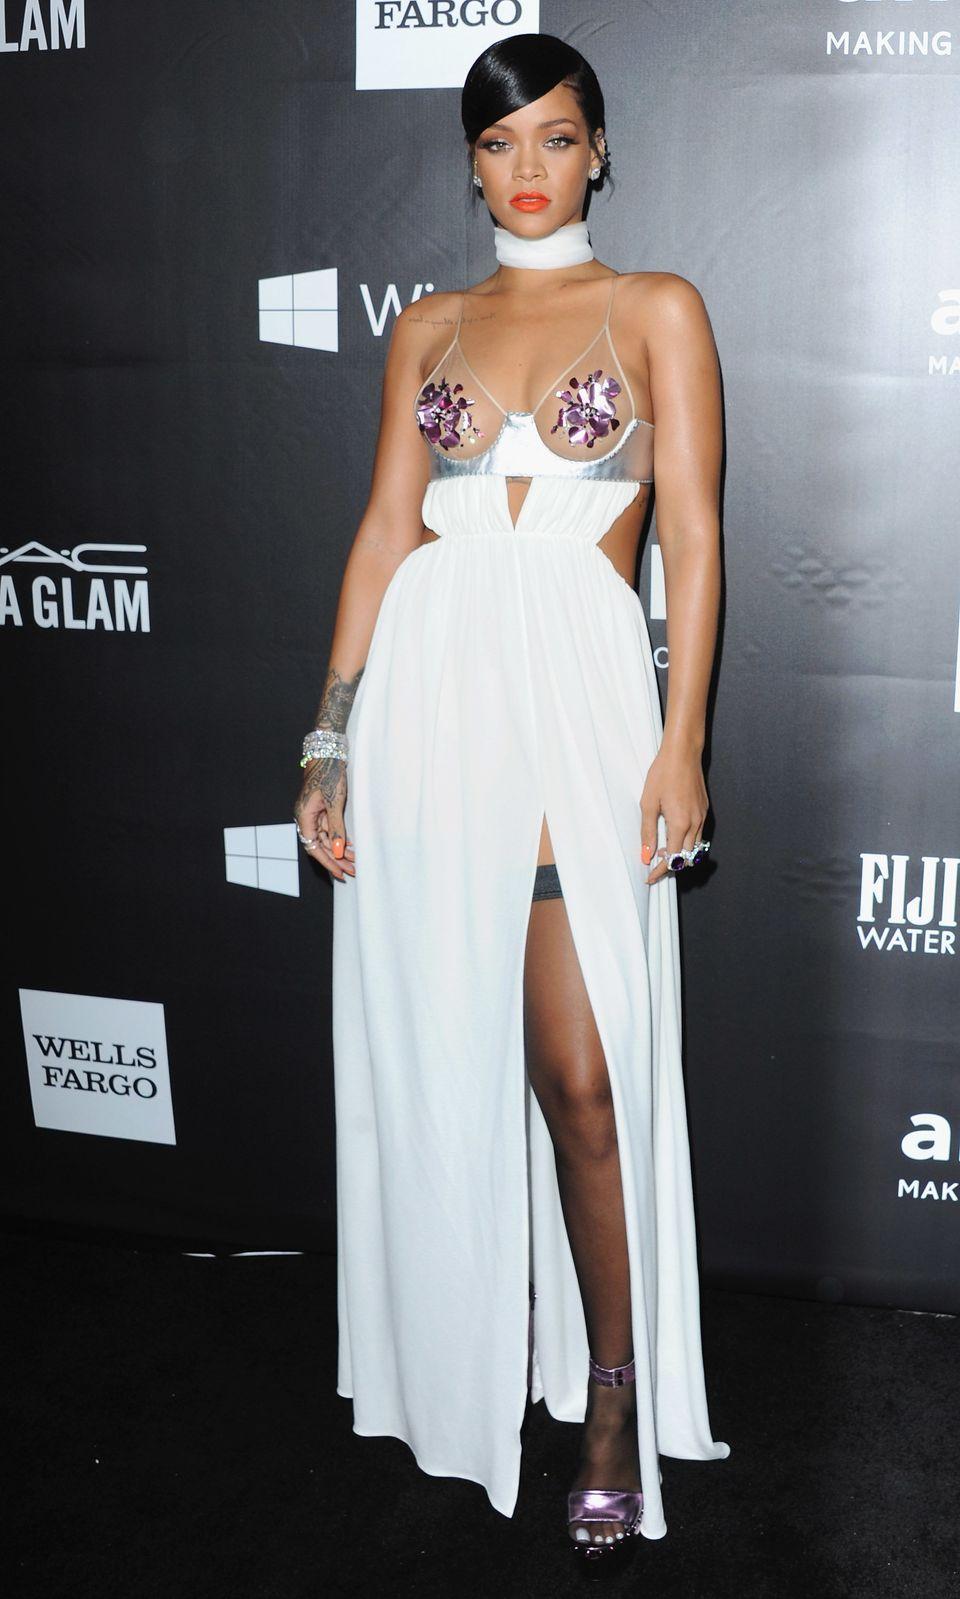 HOLLYWOOD, CA - OCTOBER 29:  Singer Rihanna arrives at the 2014 amfAR LA Inspiration Gala at Milk Studios on October 29, 2014